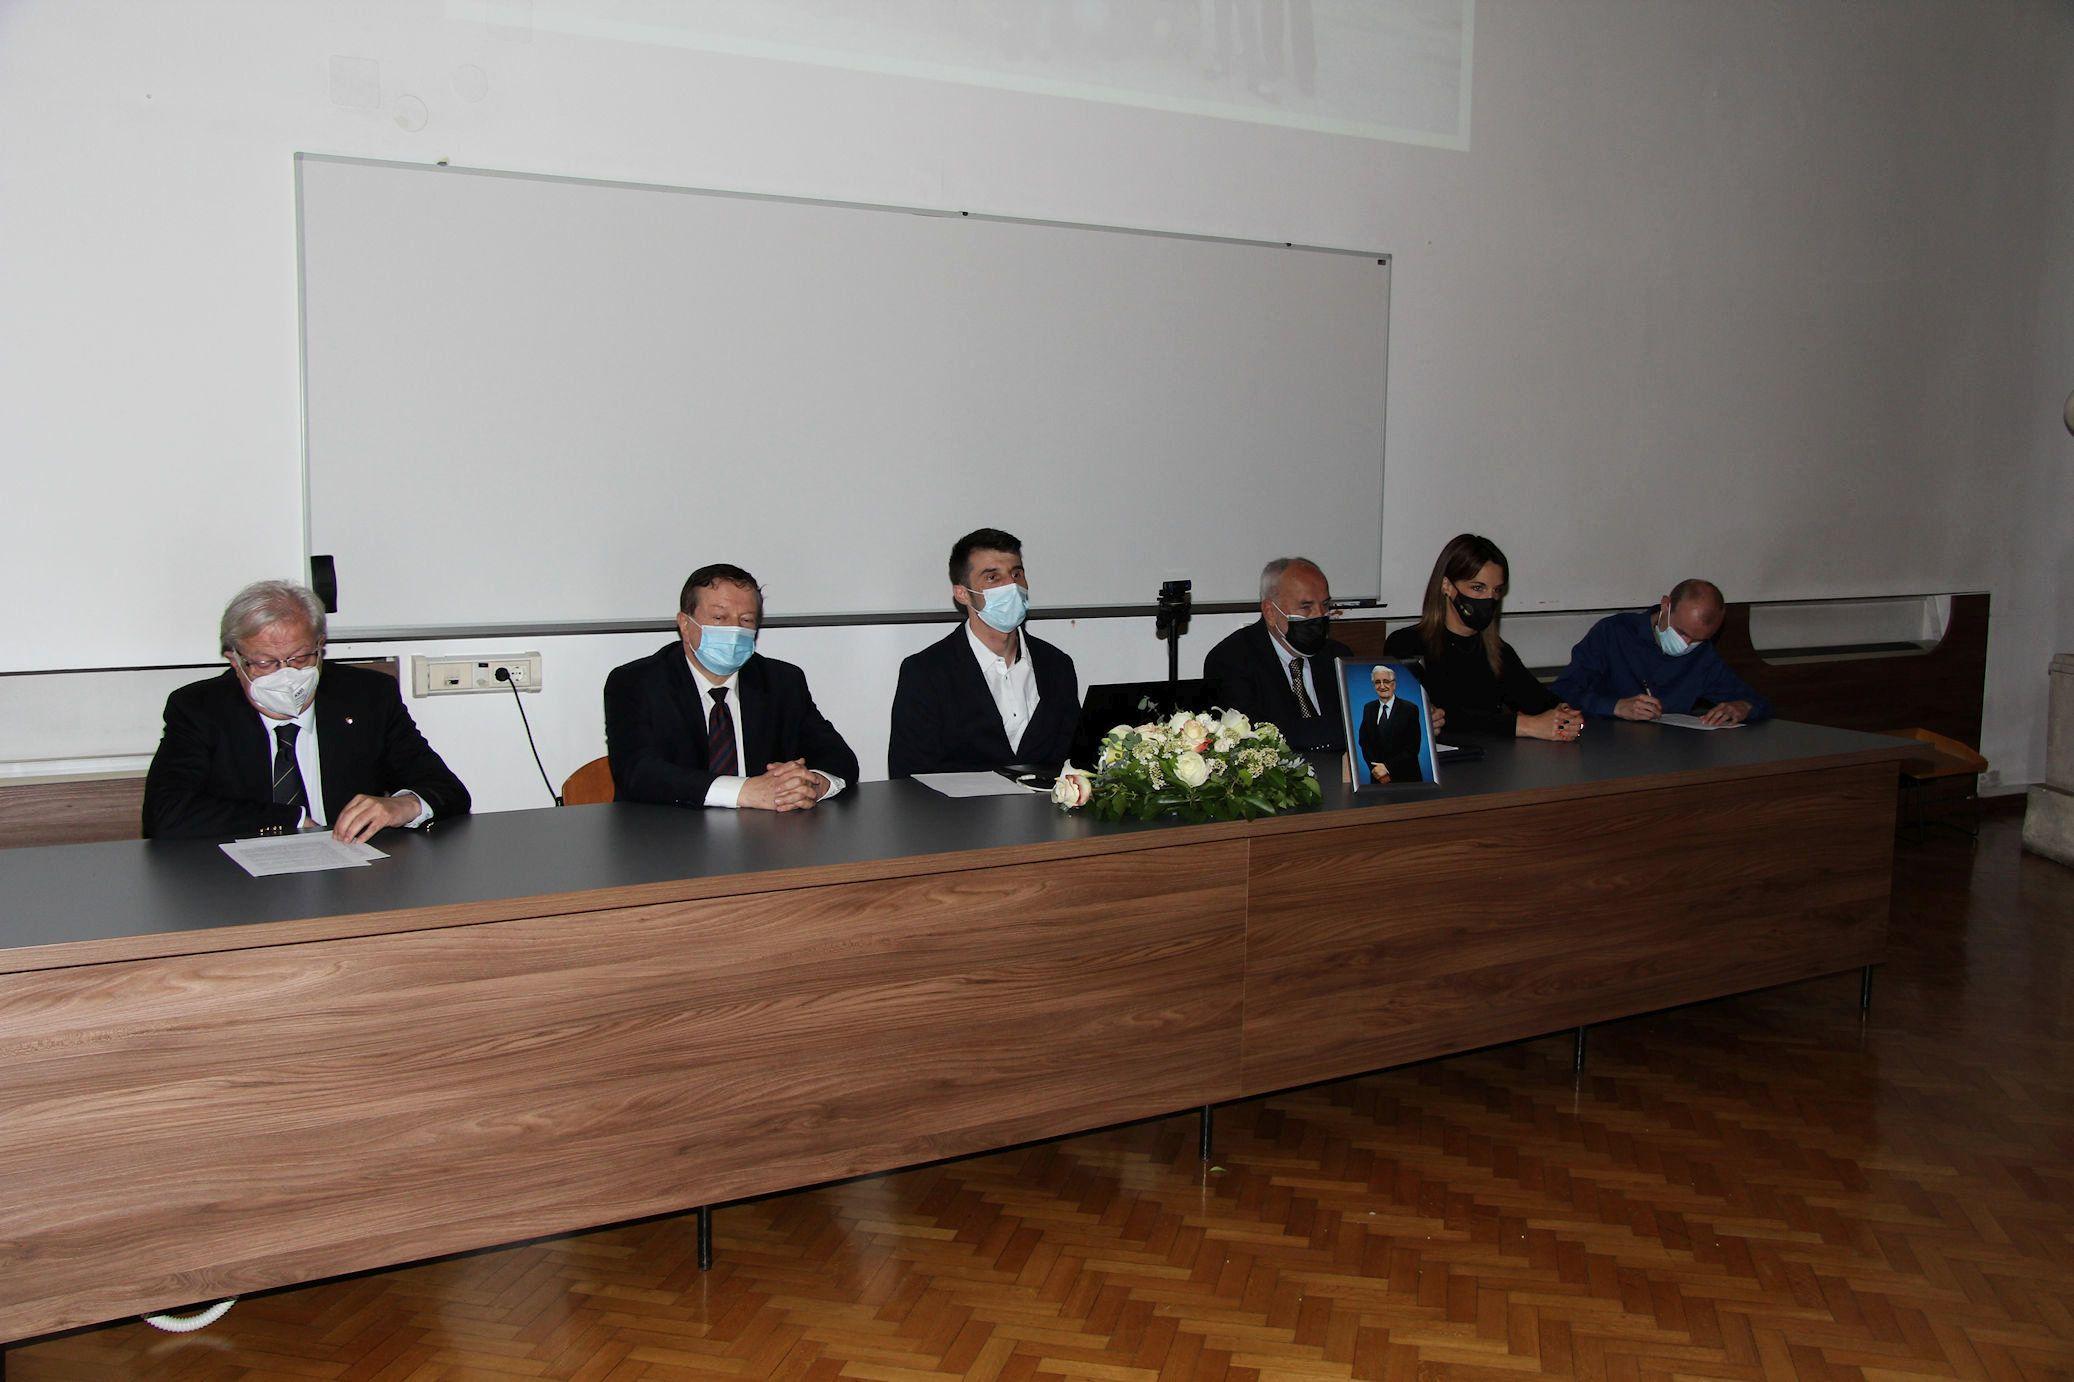 Na Filozofskom održana komemoracija za profesora Miroslava Tuđmana: 'Ostavio nam je važno nasljeđe'